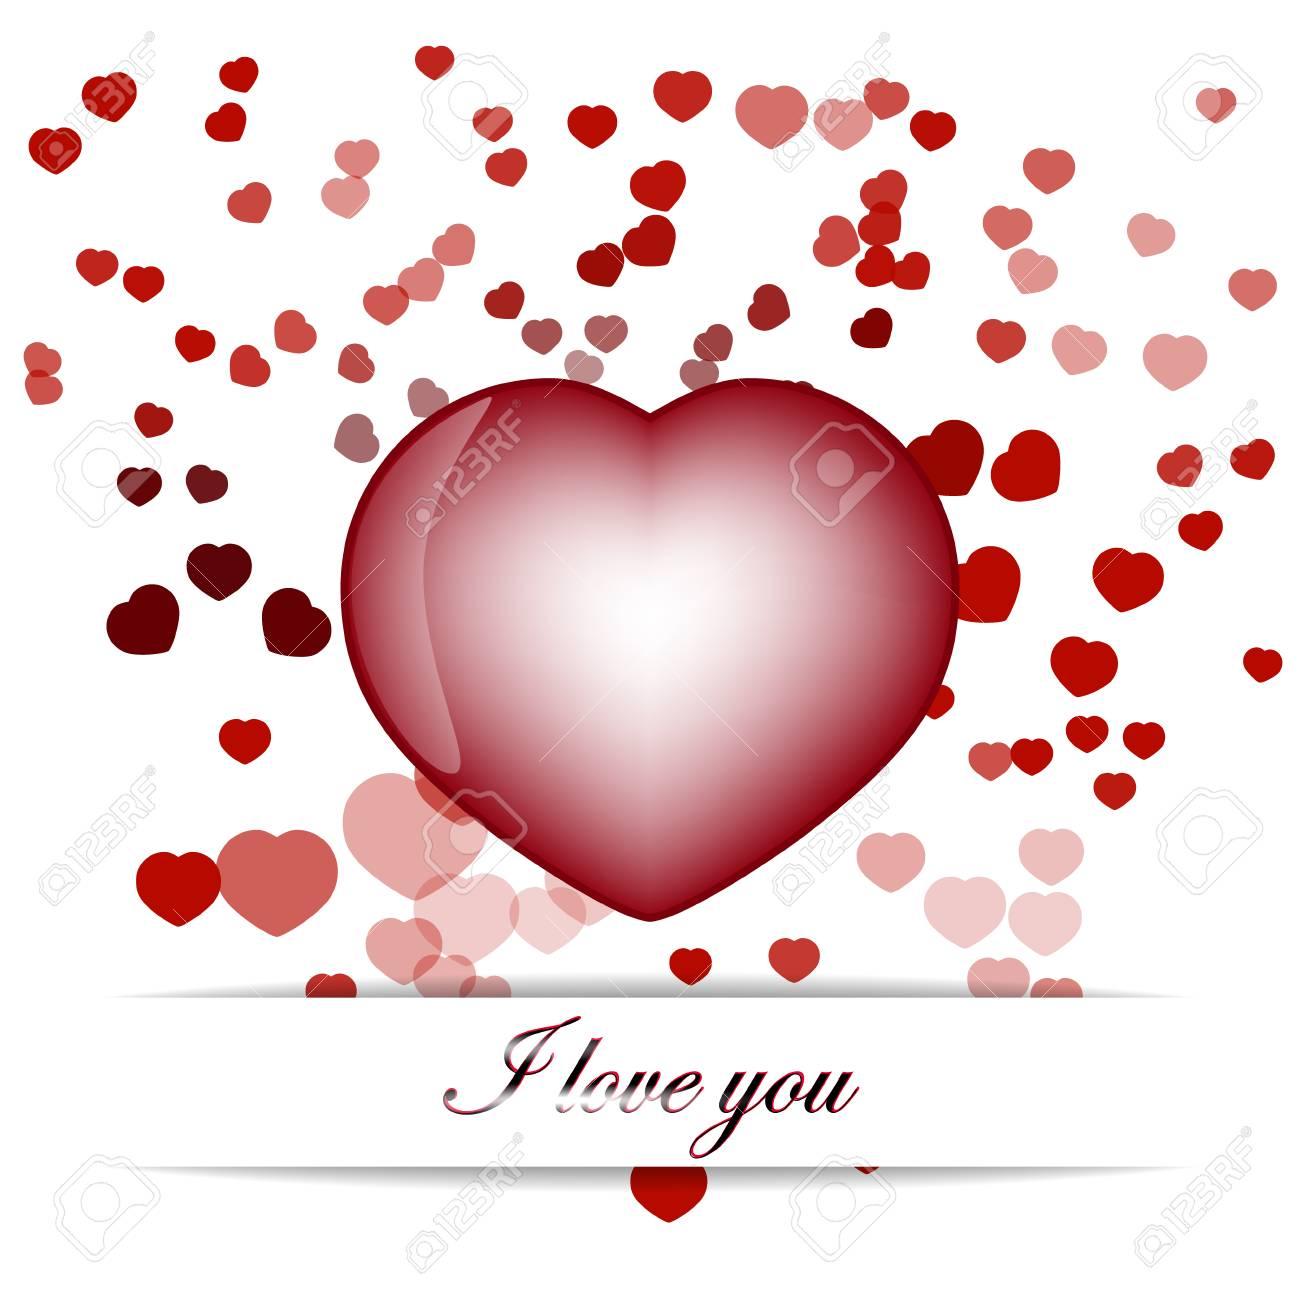 ハート型赤 Valentine S 日の壁紙のイラスト素材 ベクタ Image